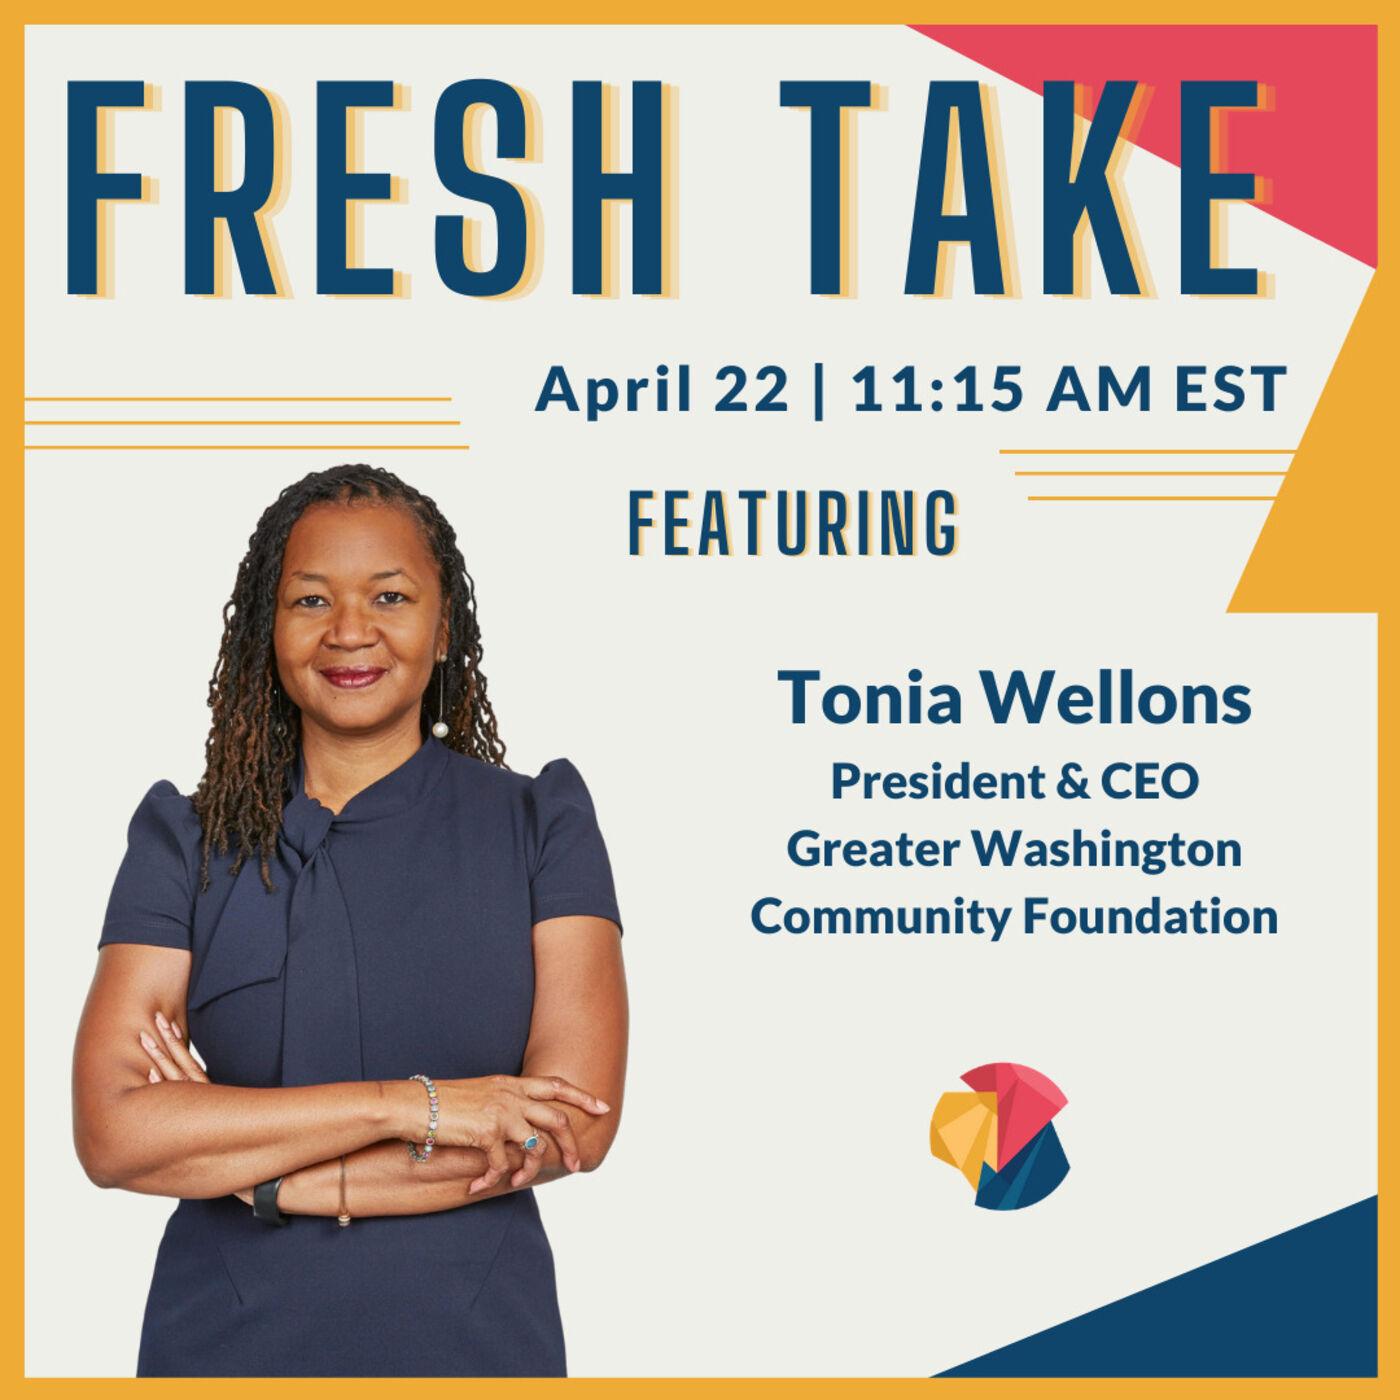 Fresh Take ft. Tonia Wellons